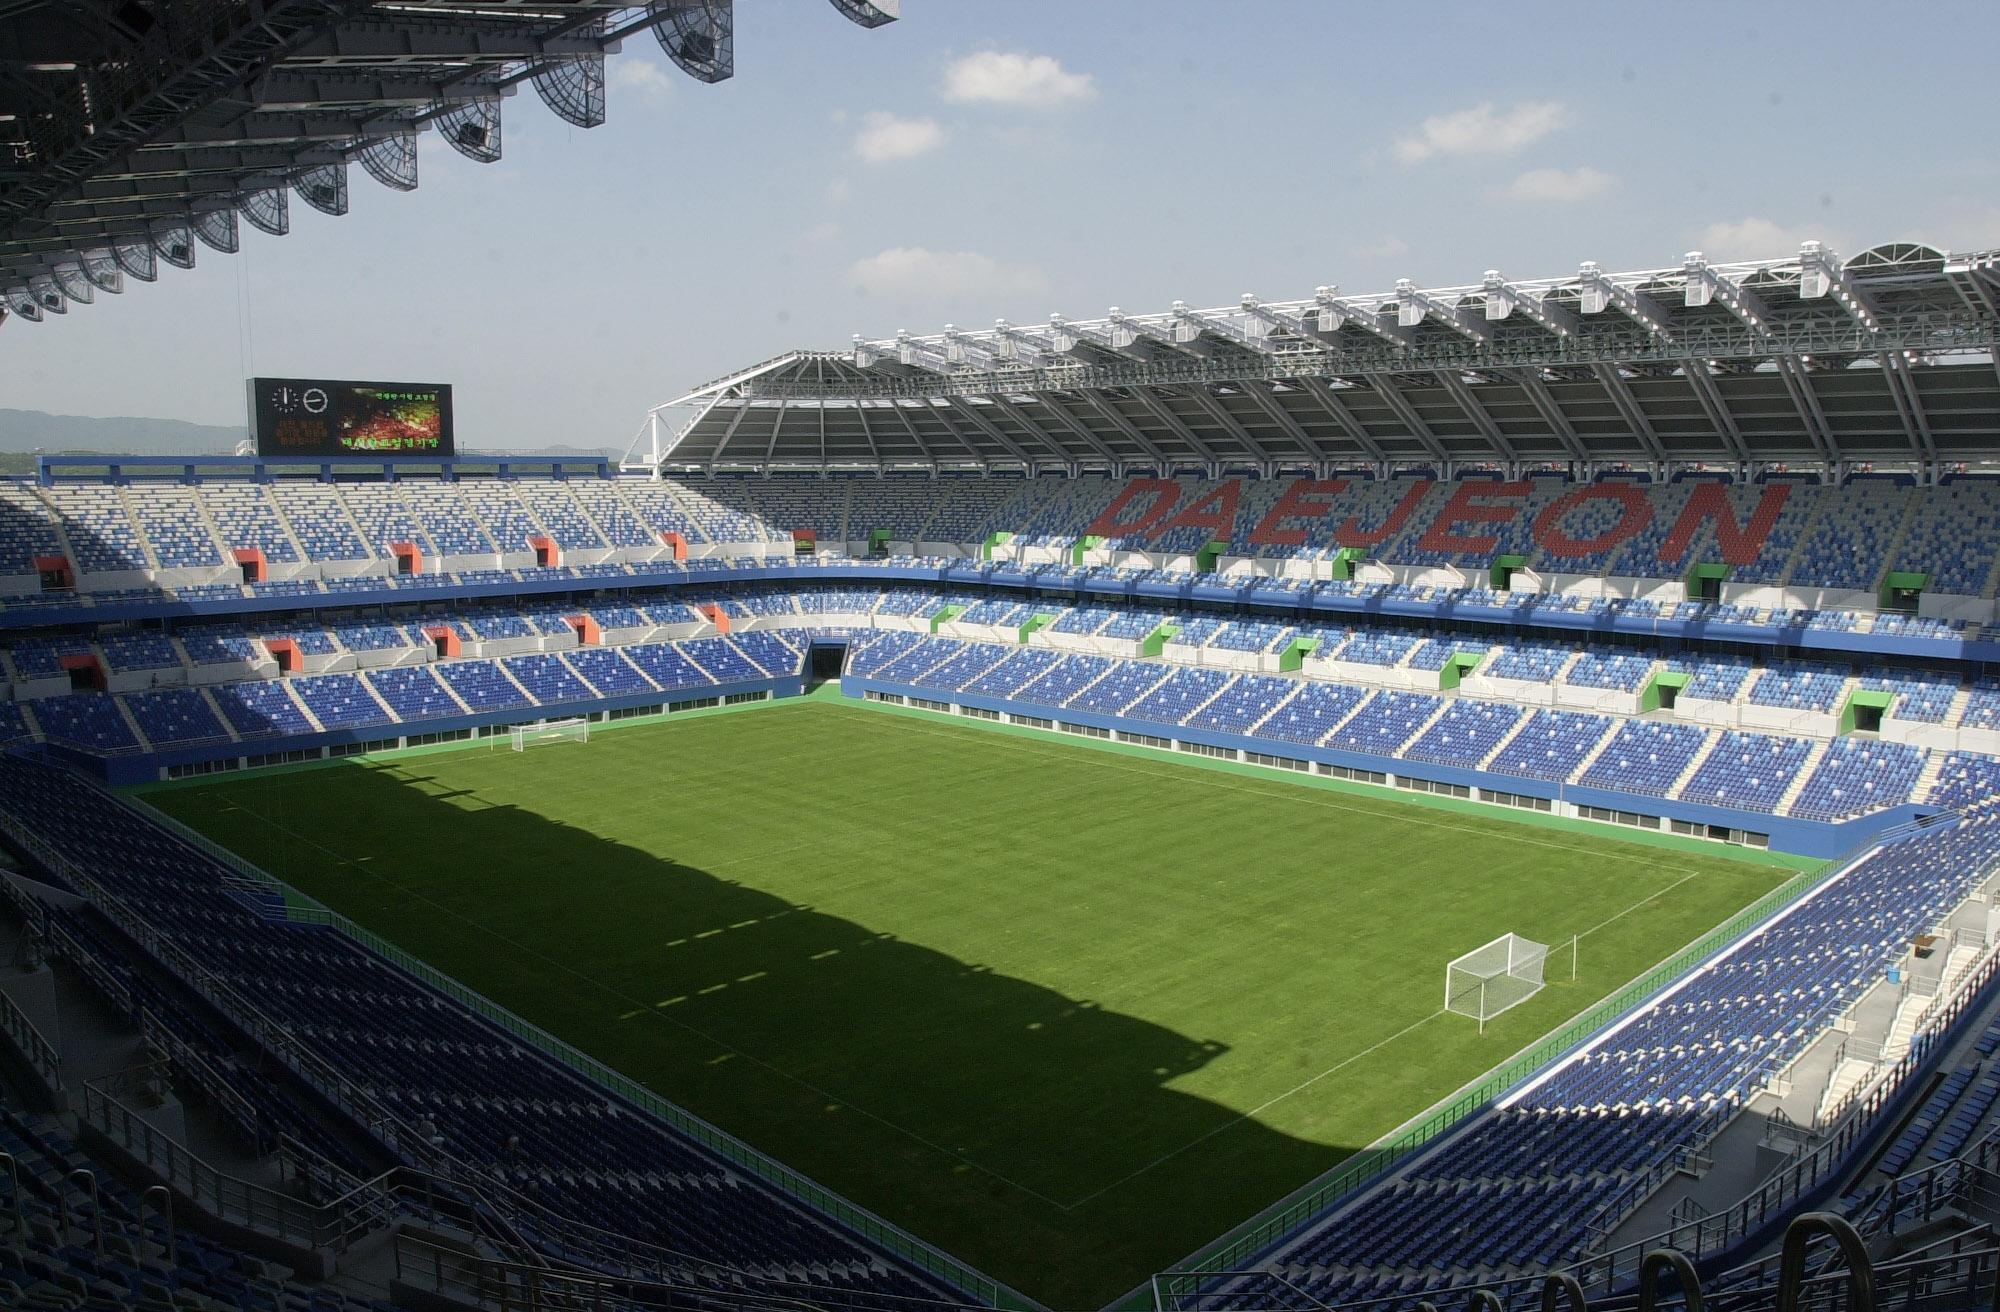 daejeon korea stadium-ის სურათის შედეგი